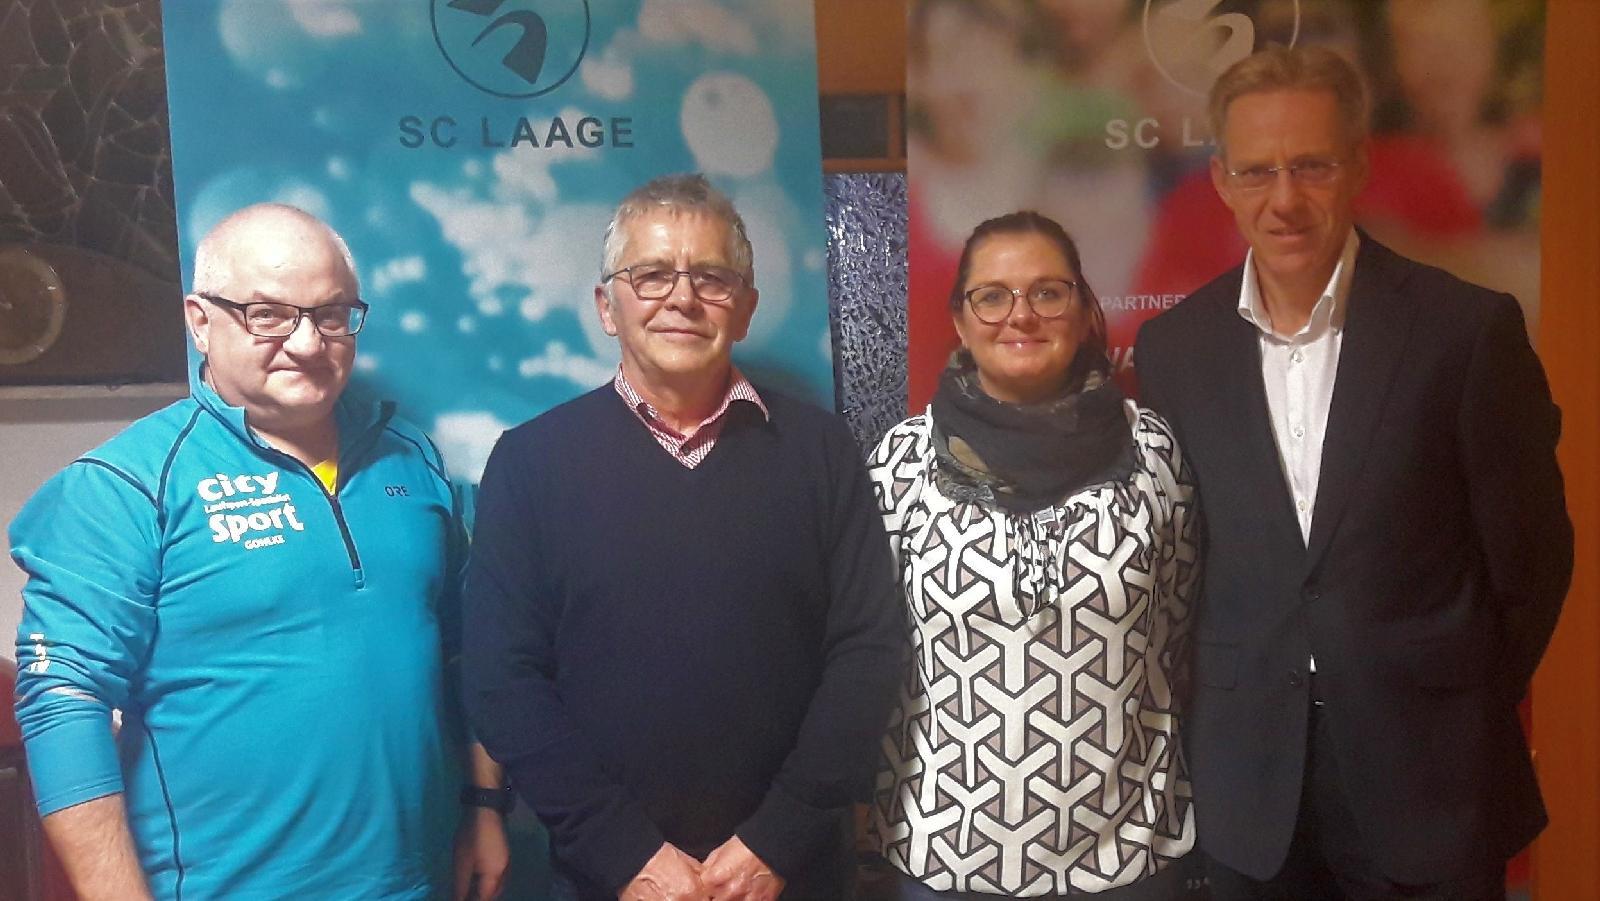 Bild der Meldung: Sportclub Laage startet mit neuem Vorstand in die Zukunft